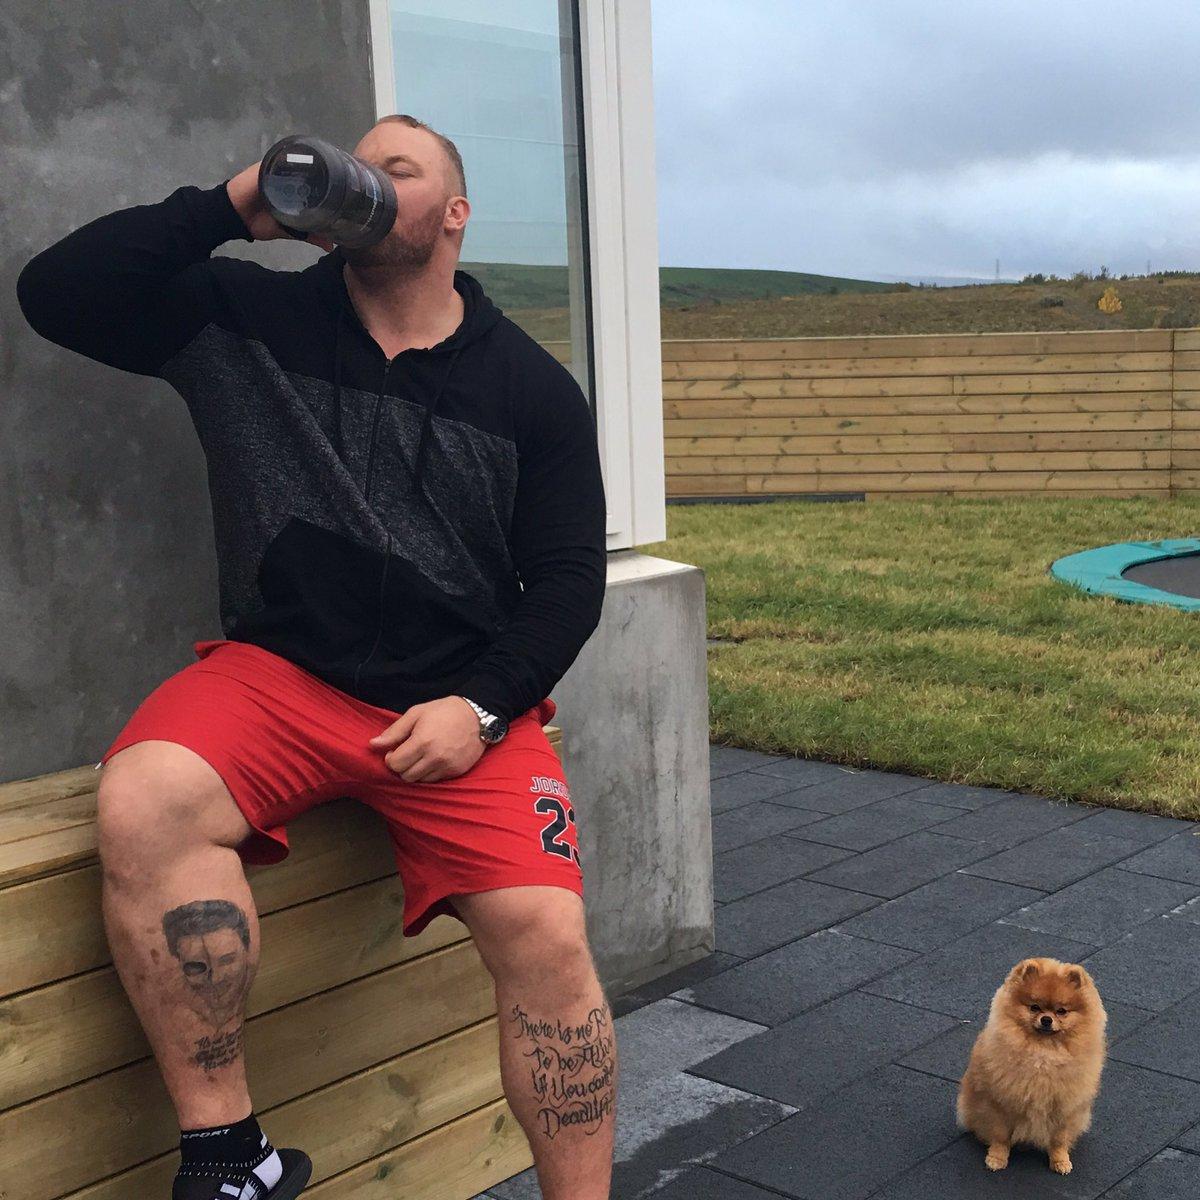 9355a488 Hafþór J Björnsson on Twitter: